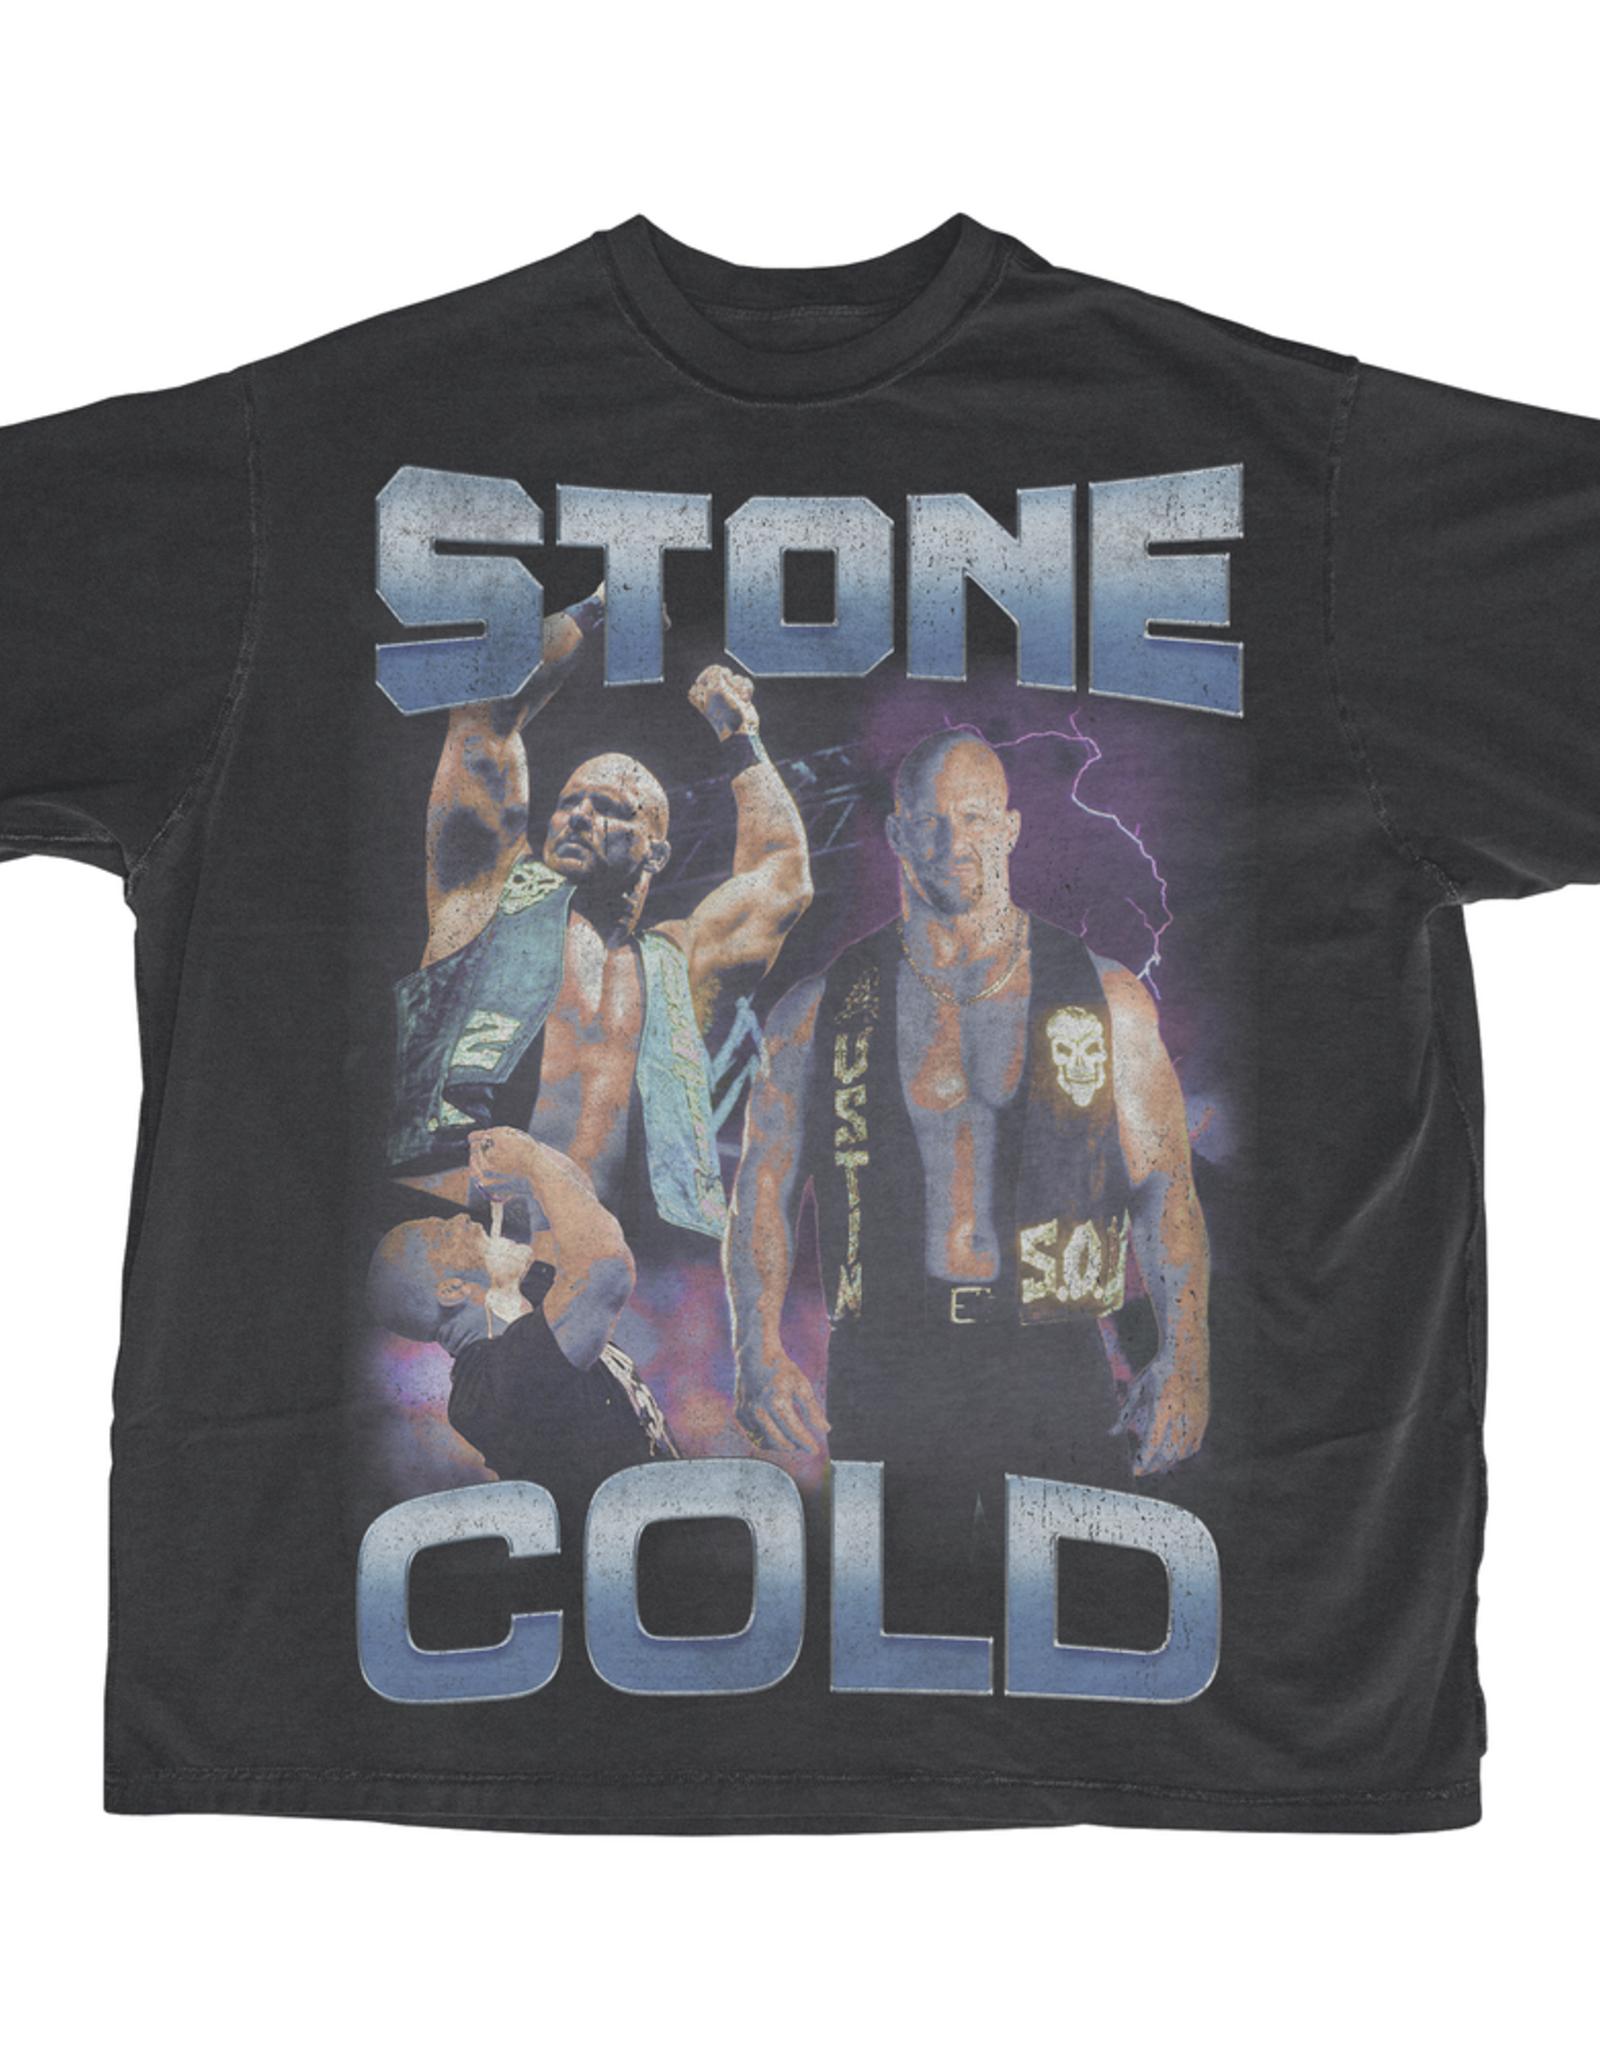 New Retro Goods New Retro Goods - Stone Cold Shirt  XL